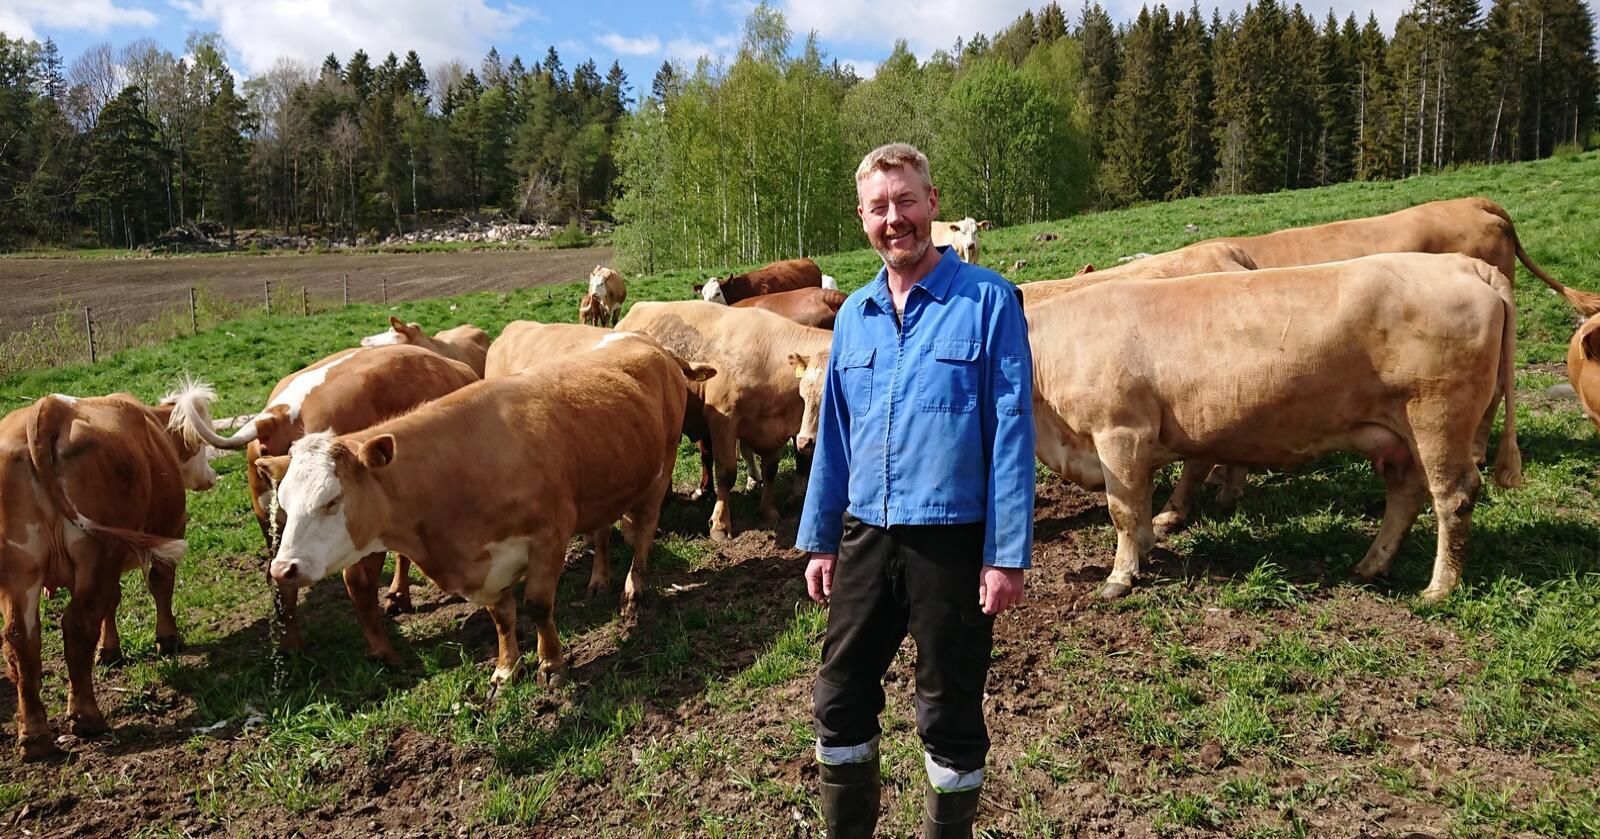 Bjørn Gimming, leder av Norges Bondelag, ber om at Mattilsynet øker antallet uanmeldte tilsyn. Foto: Privat